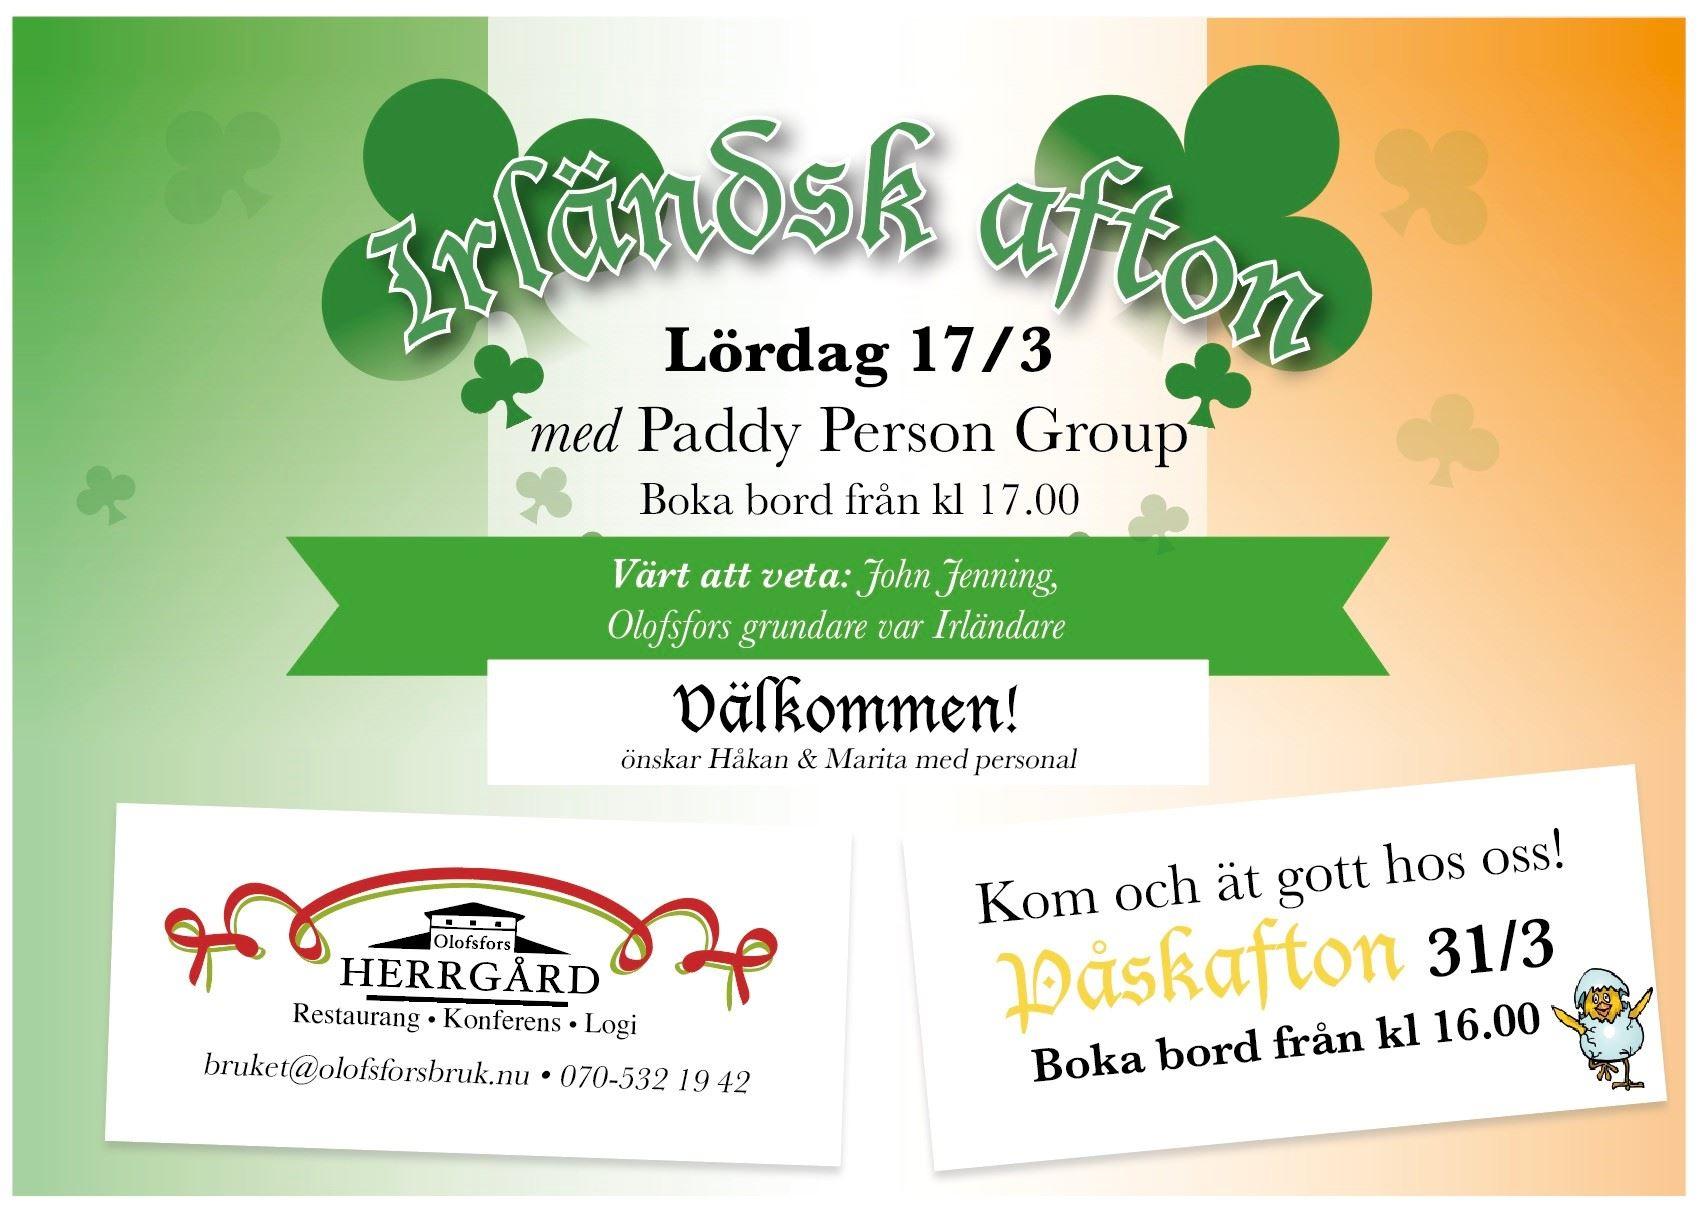 Irländsk Afton